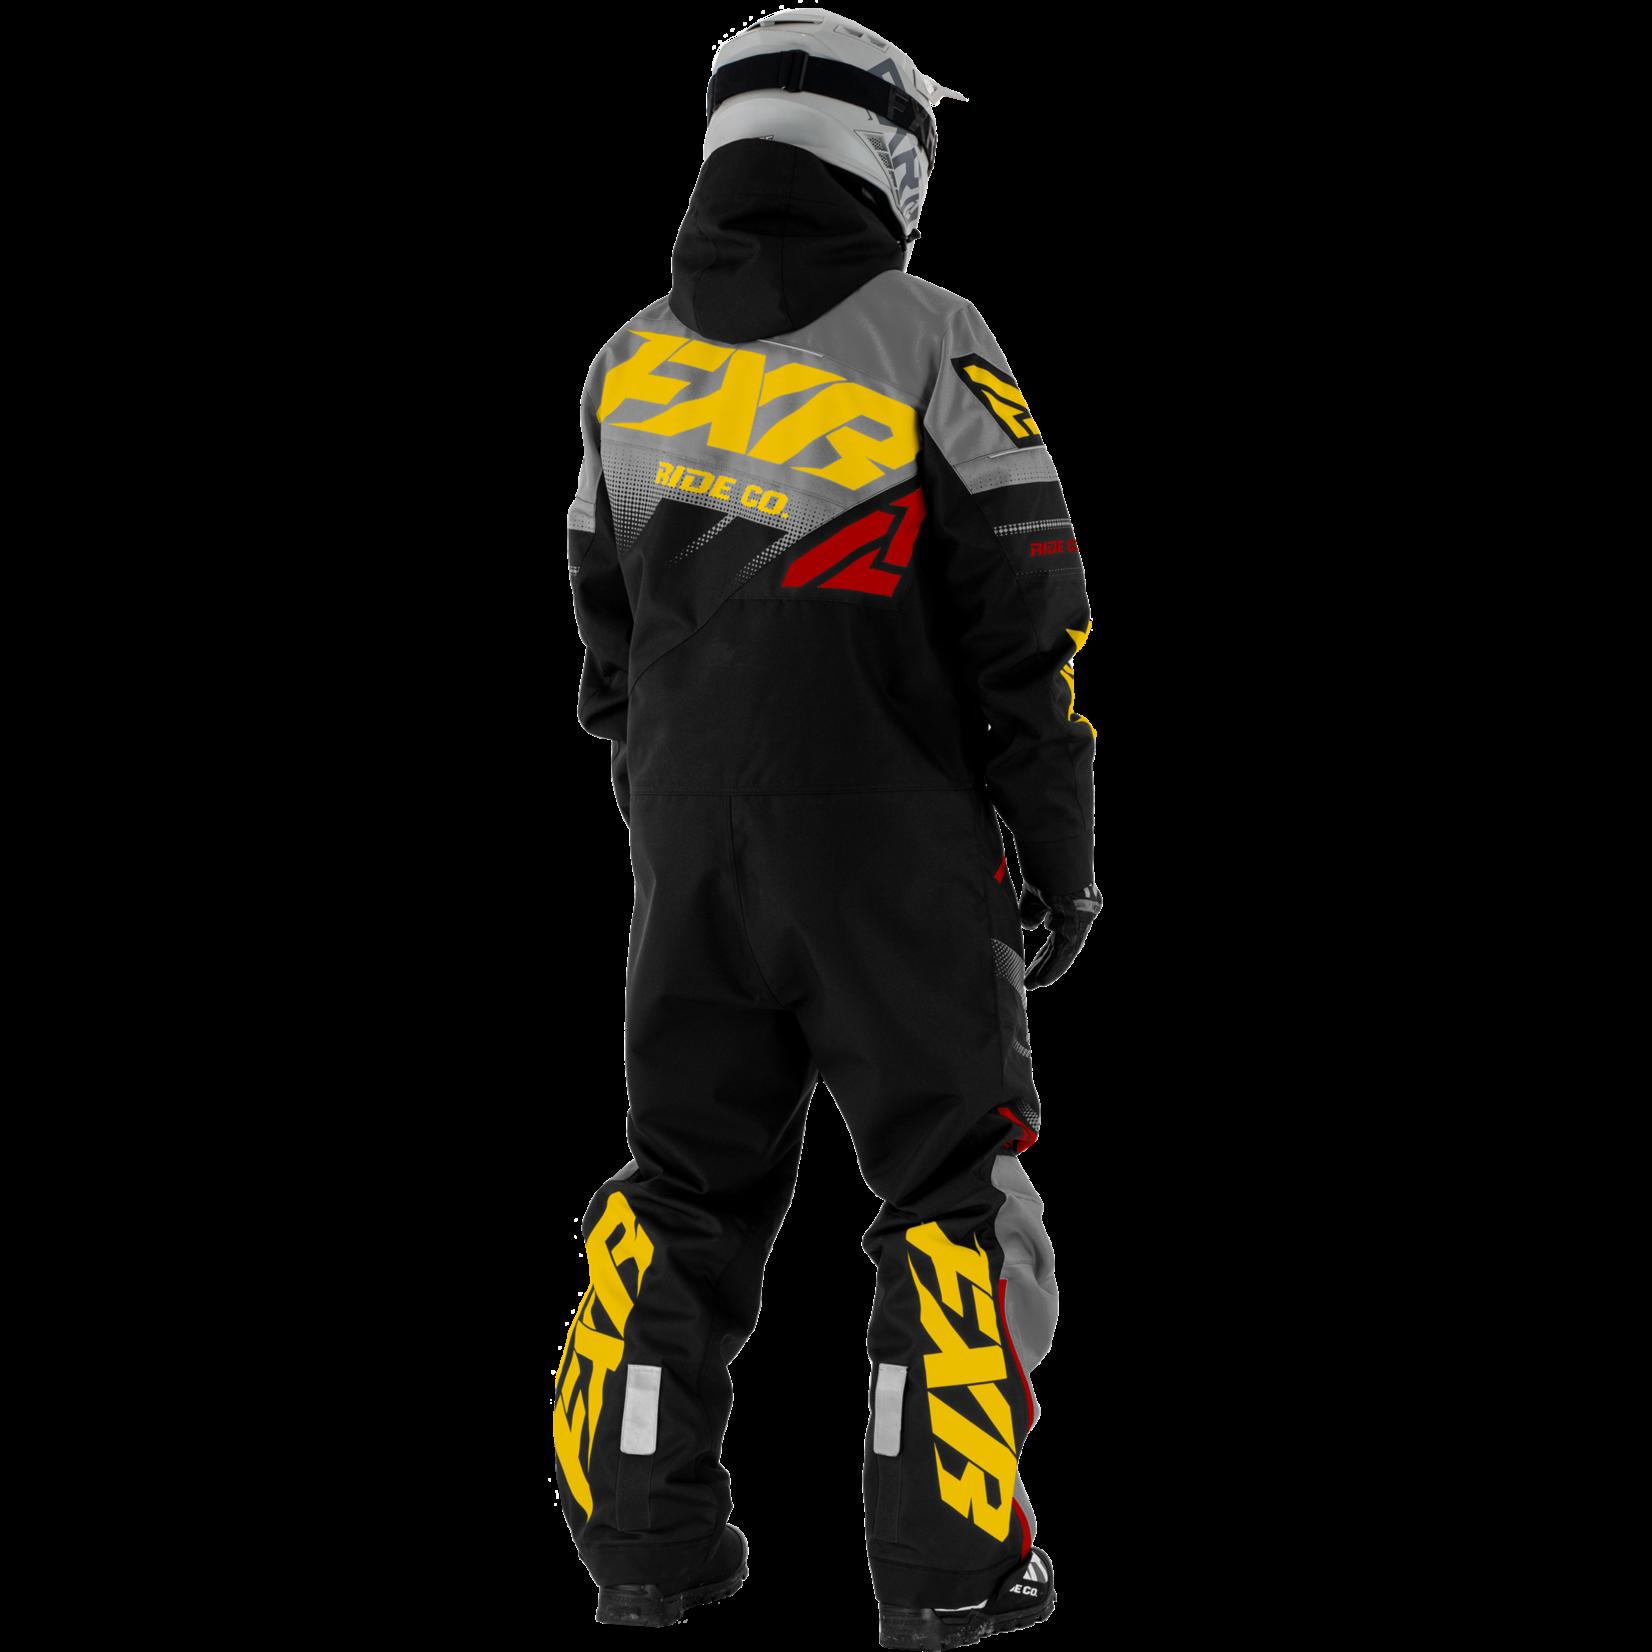 FXR M CX F.A.S.T. INS Monosuit- BLK/CHAR/GOLD/RUST - XL